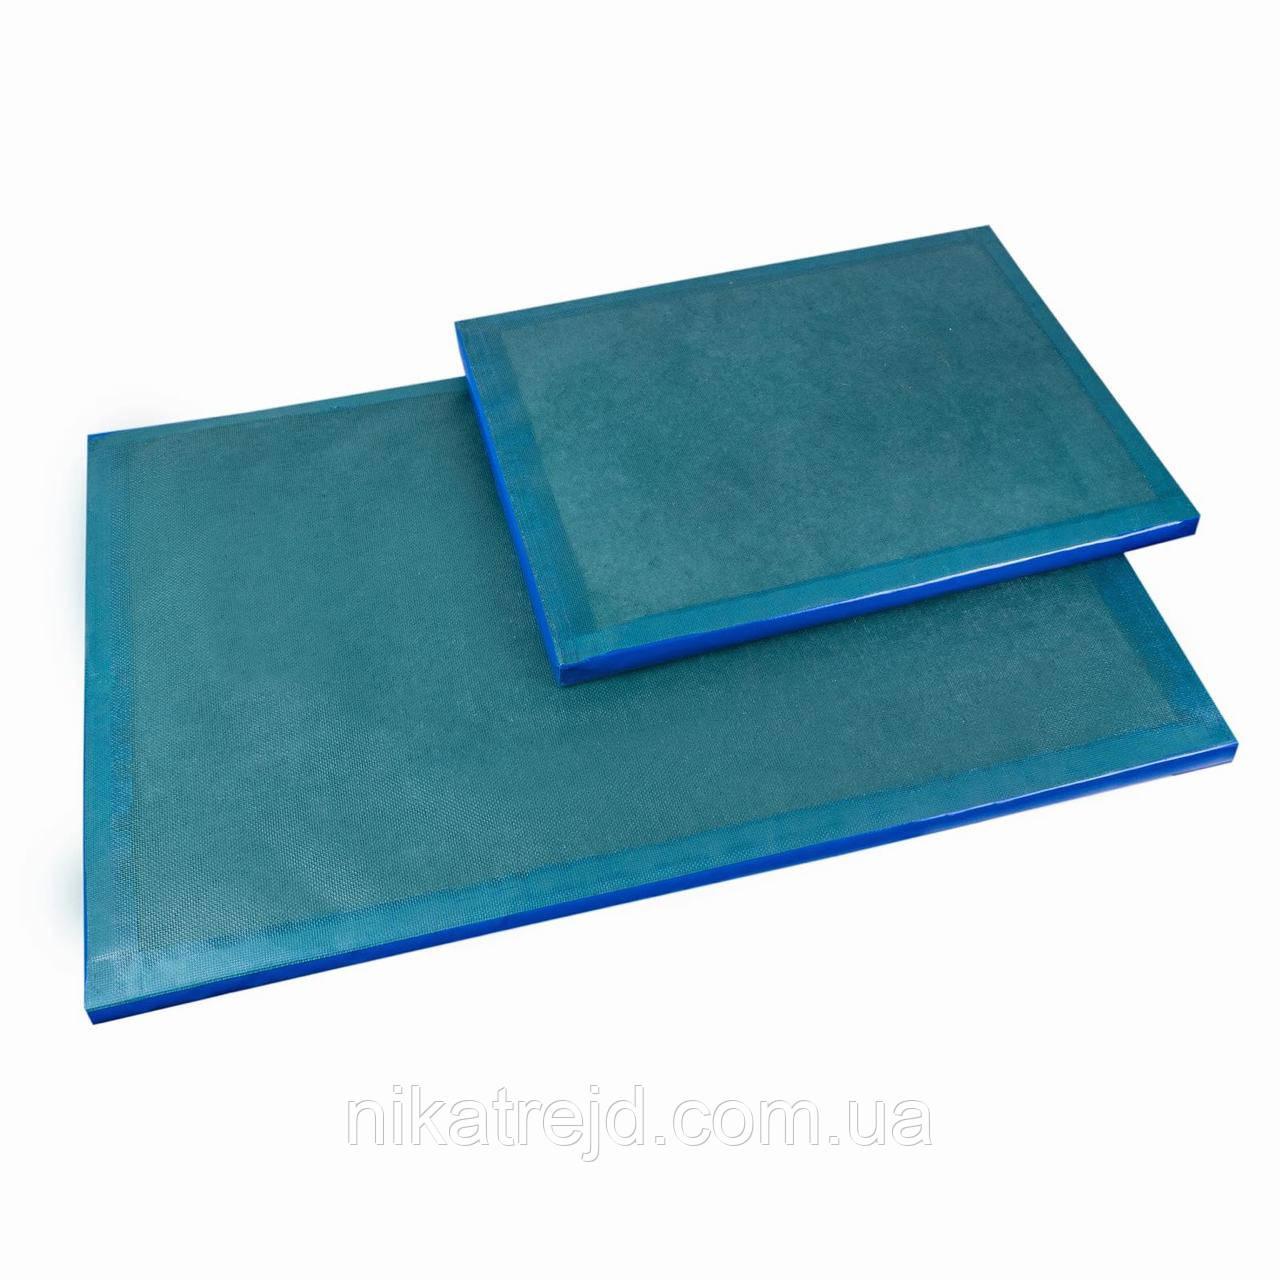 Ветеринарний дезенфекційний килимок 65х100х6см